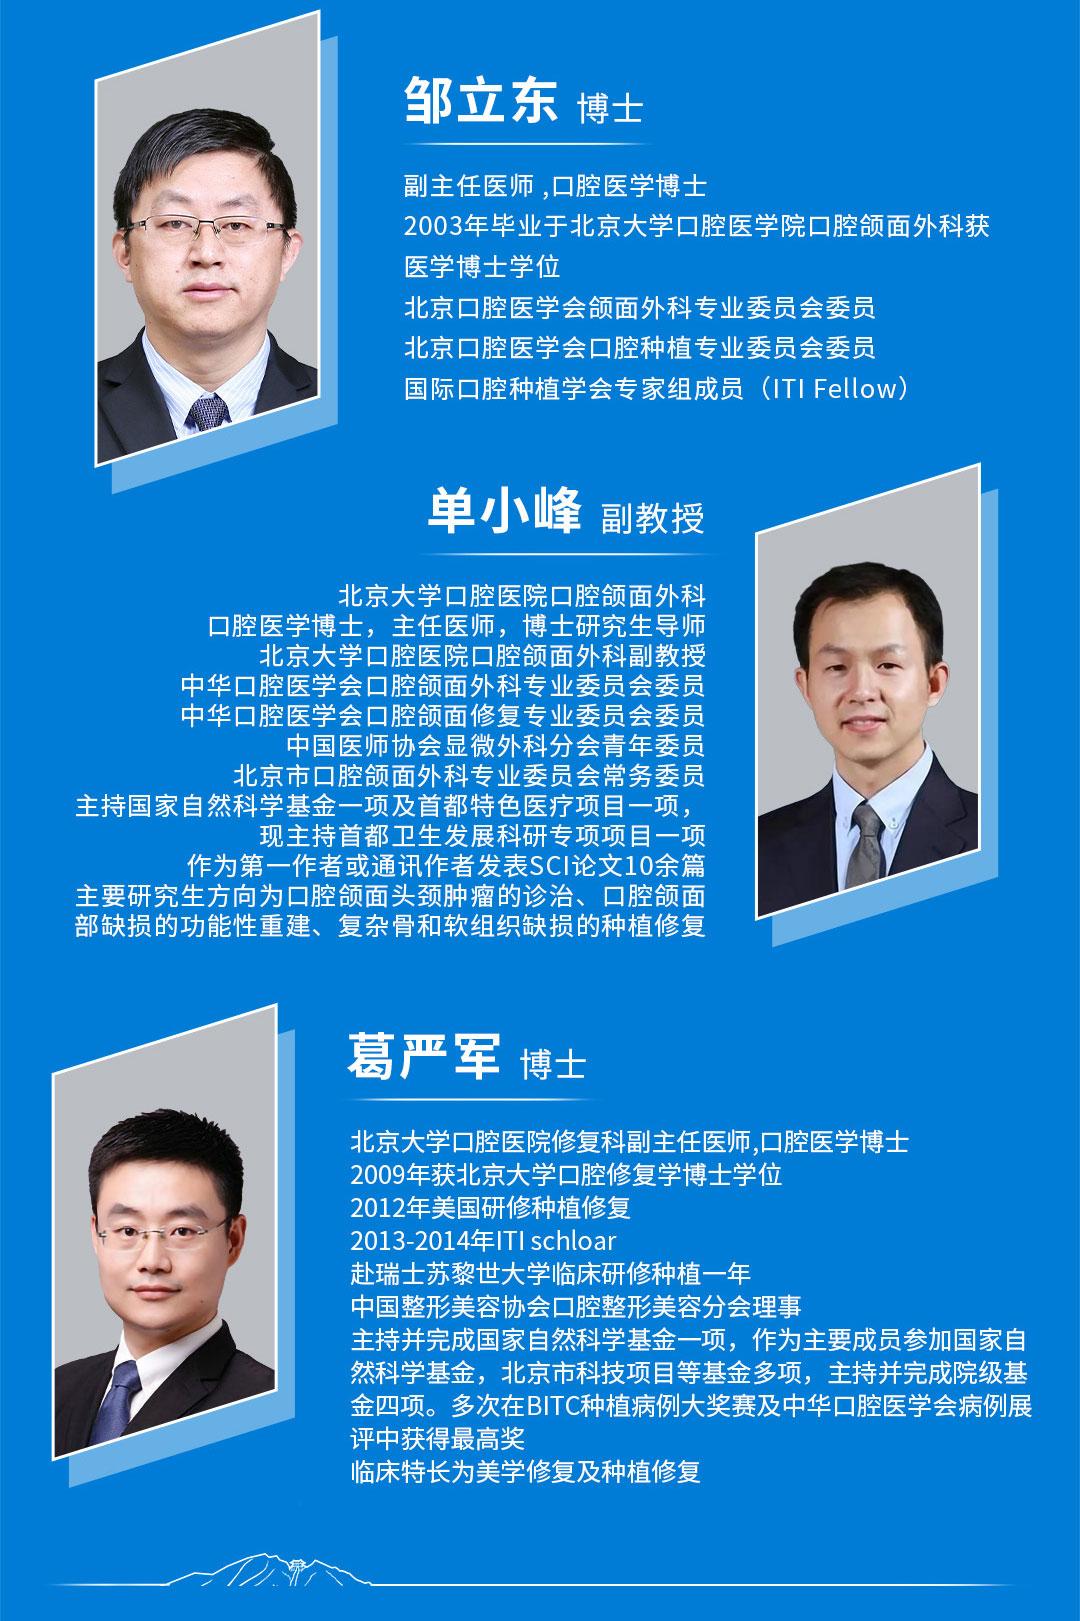 2021工業行手機長圖崔廣_04_02.jpg